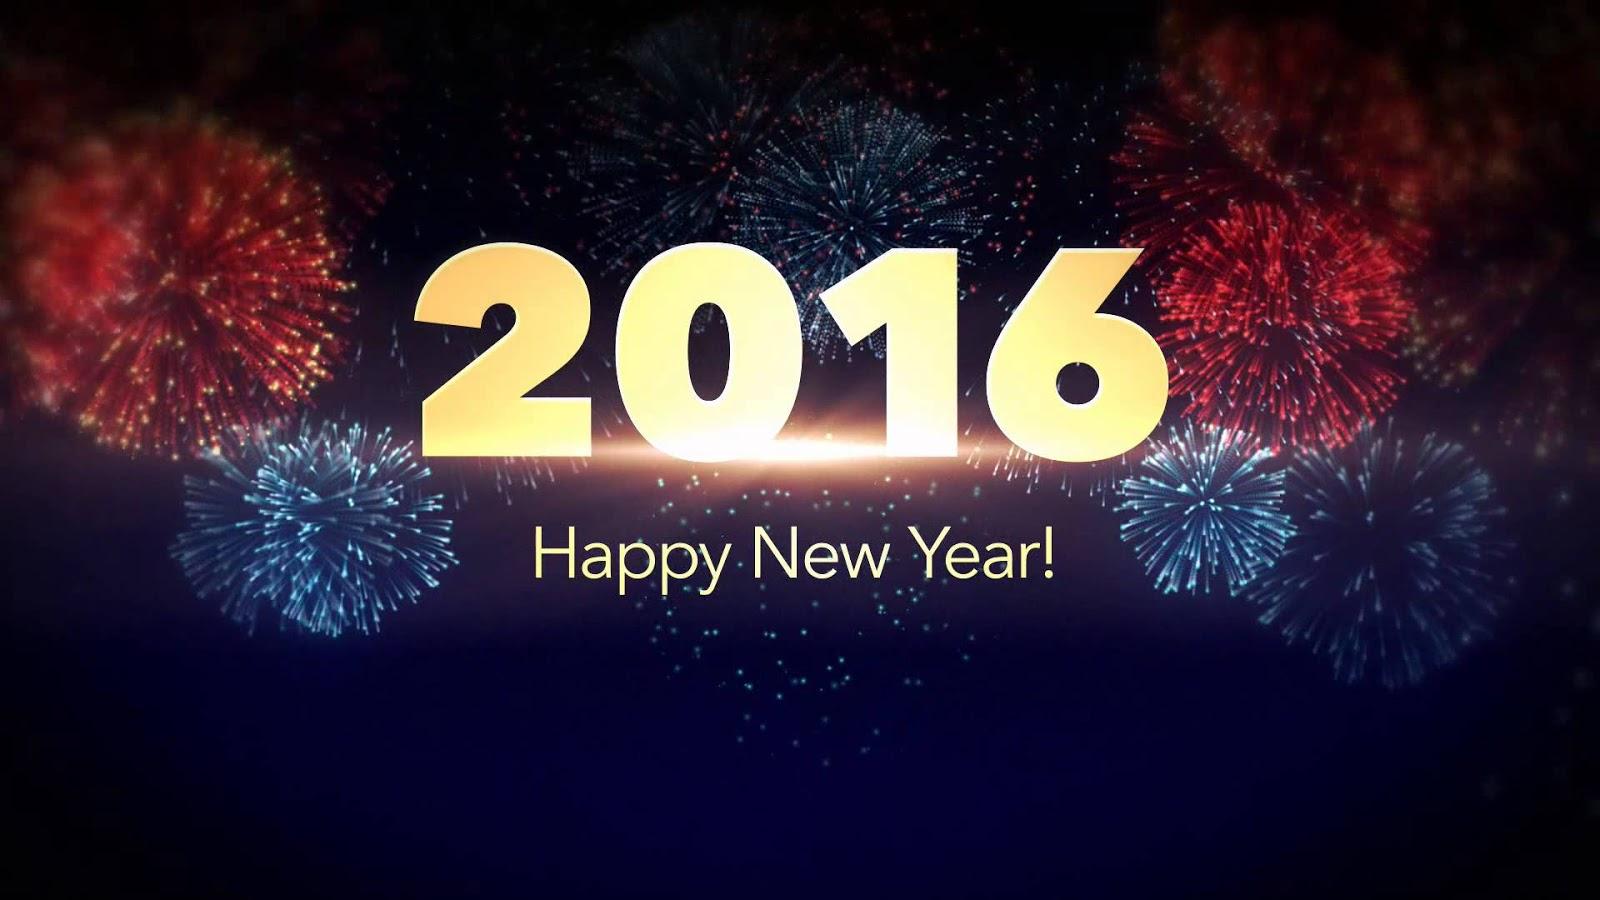 Hình nền chúc mừng năm mới 2016 - ảnh 1